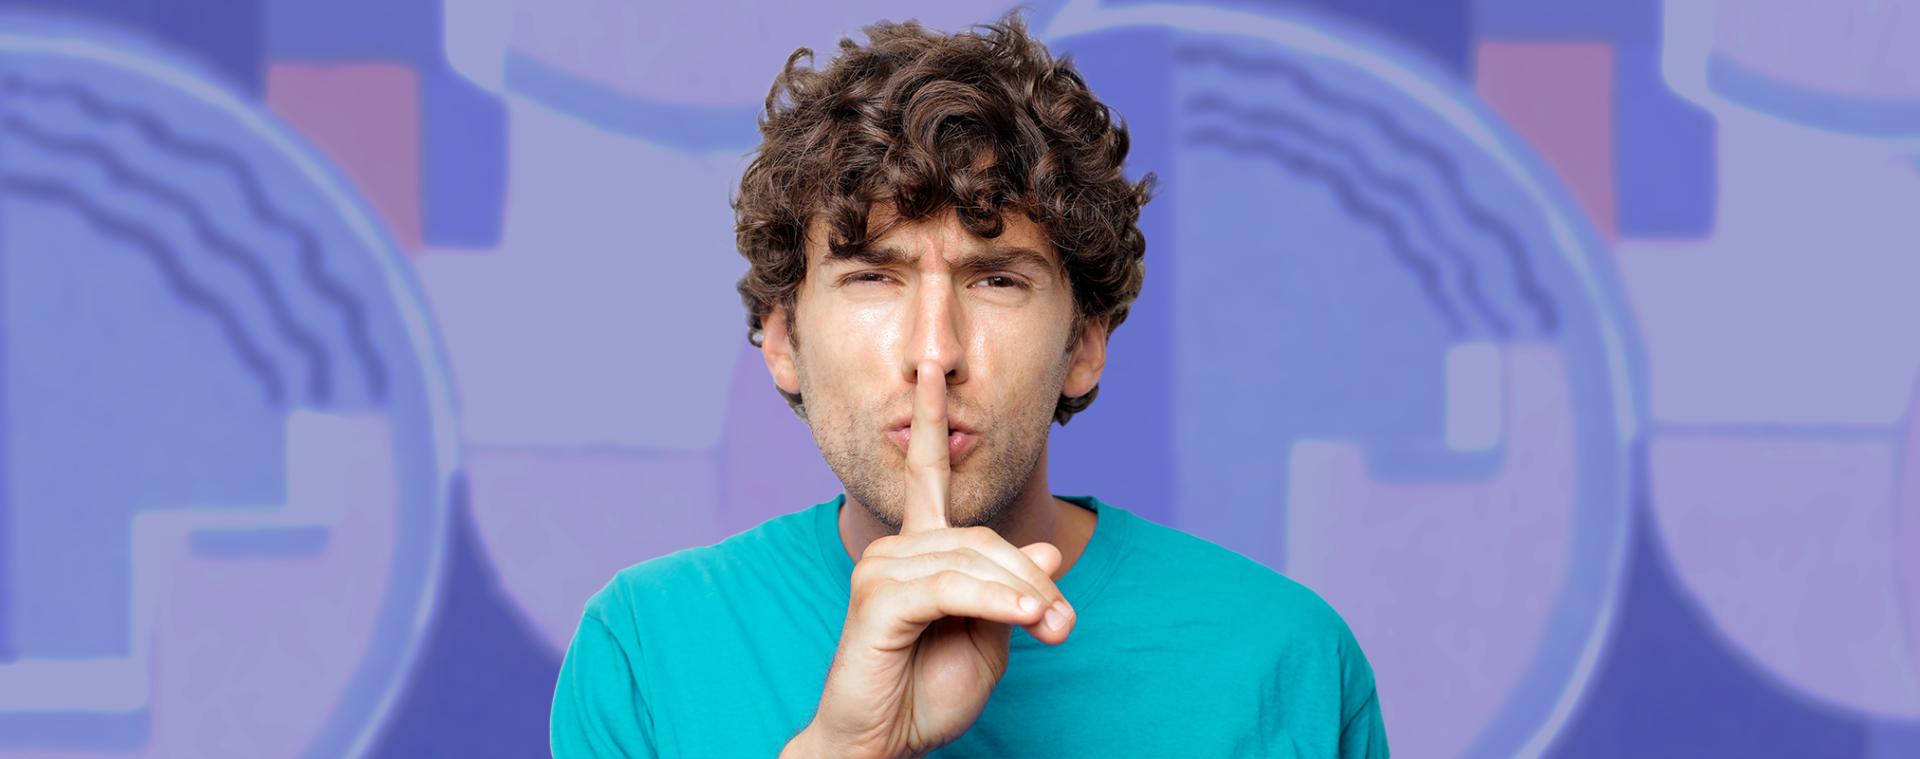 Скільки вчитель має мовчати на уроці — гарвардське дослідження